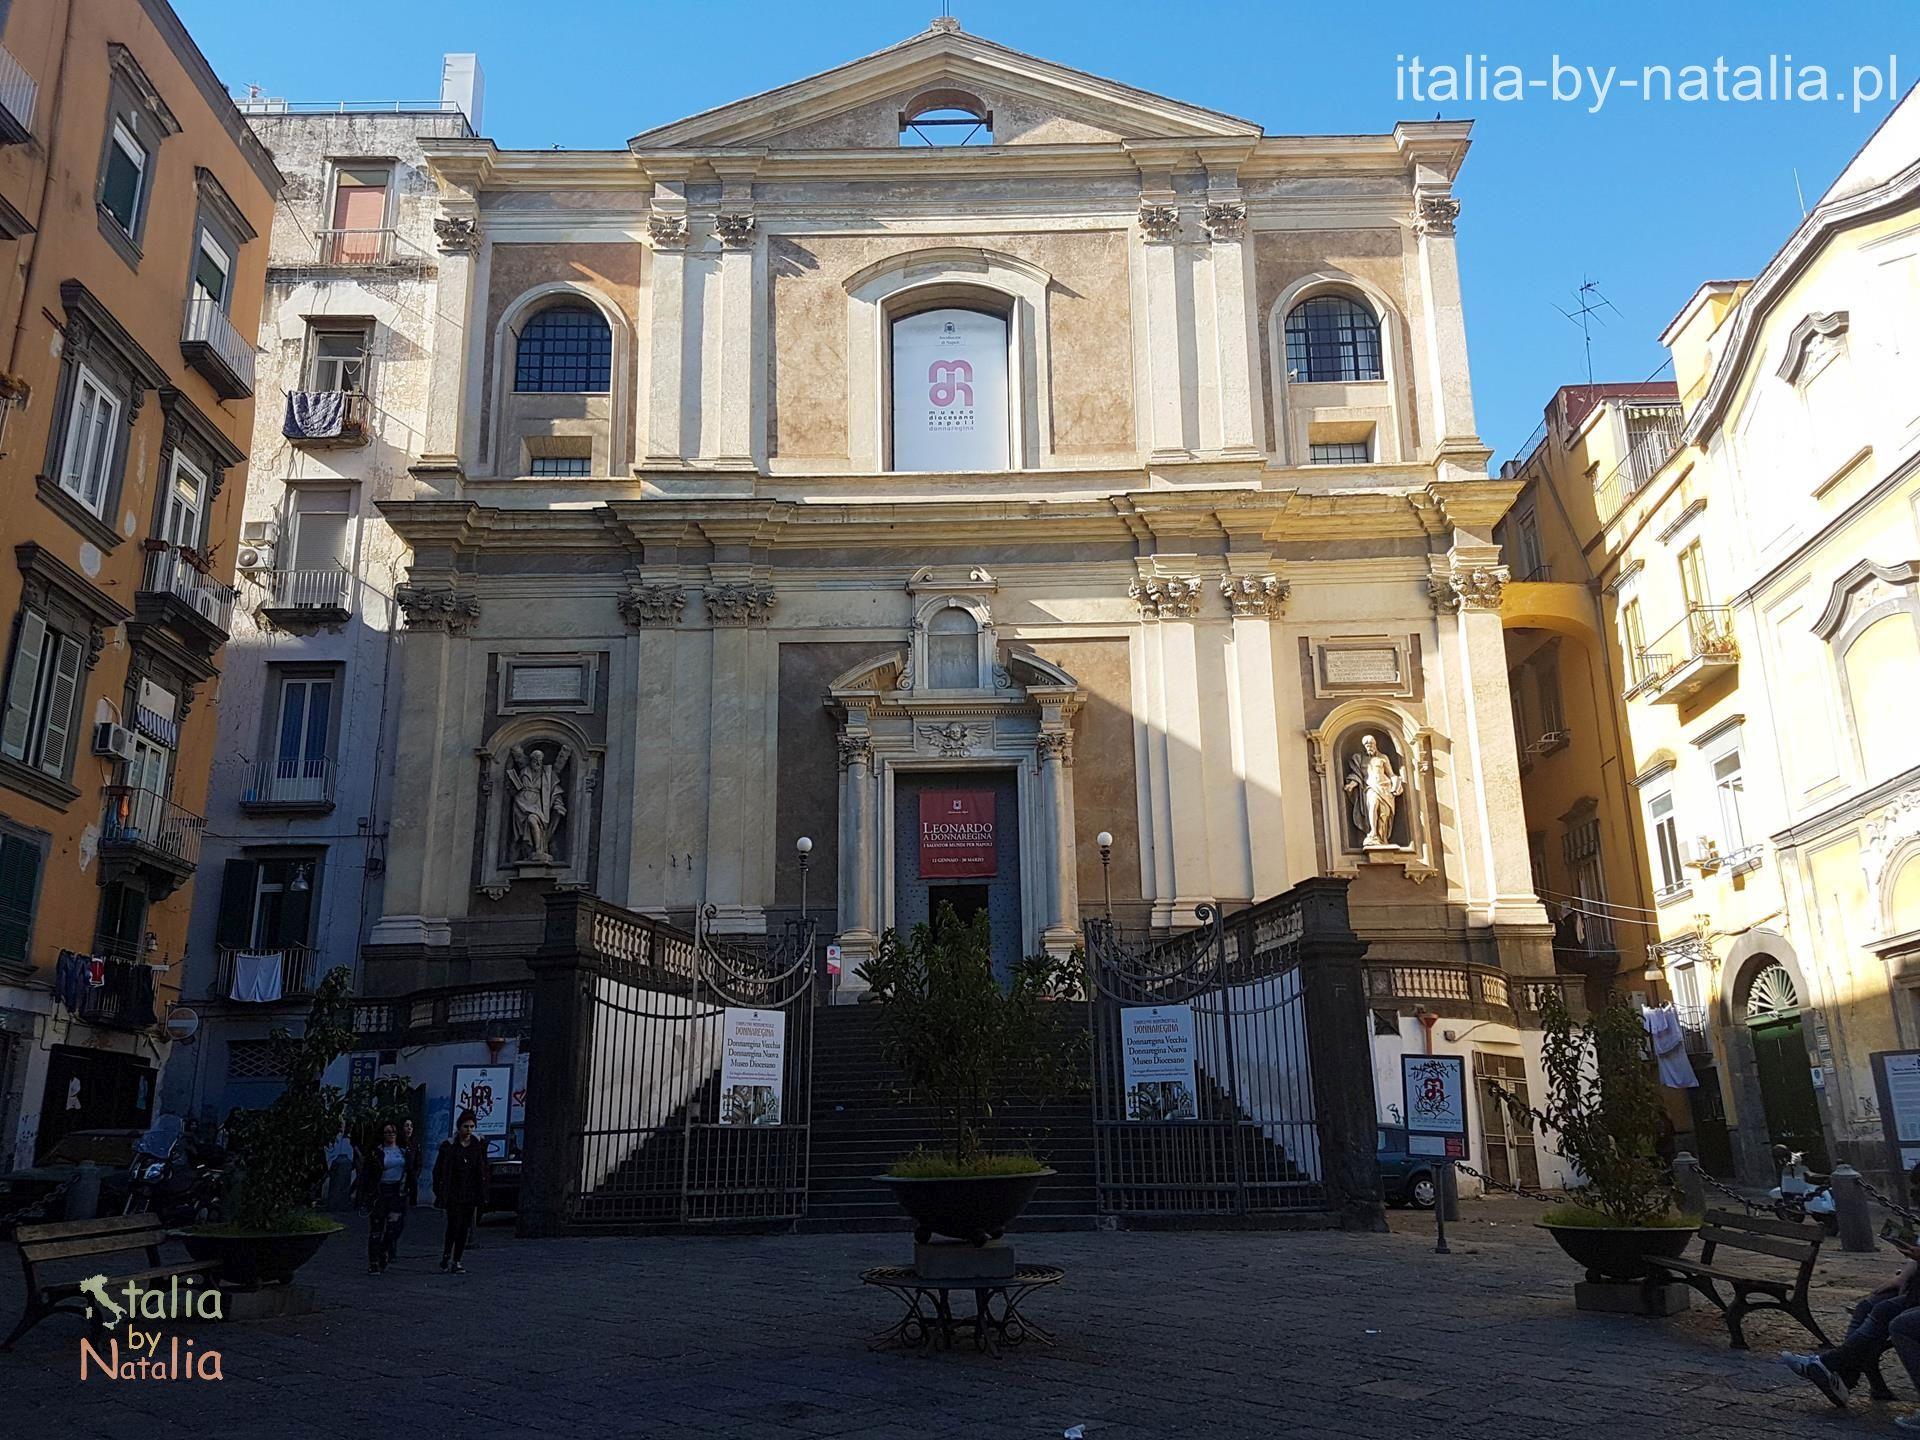 Napoli Retro ulica